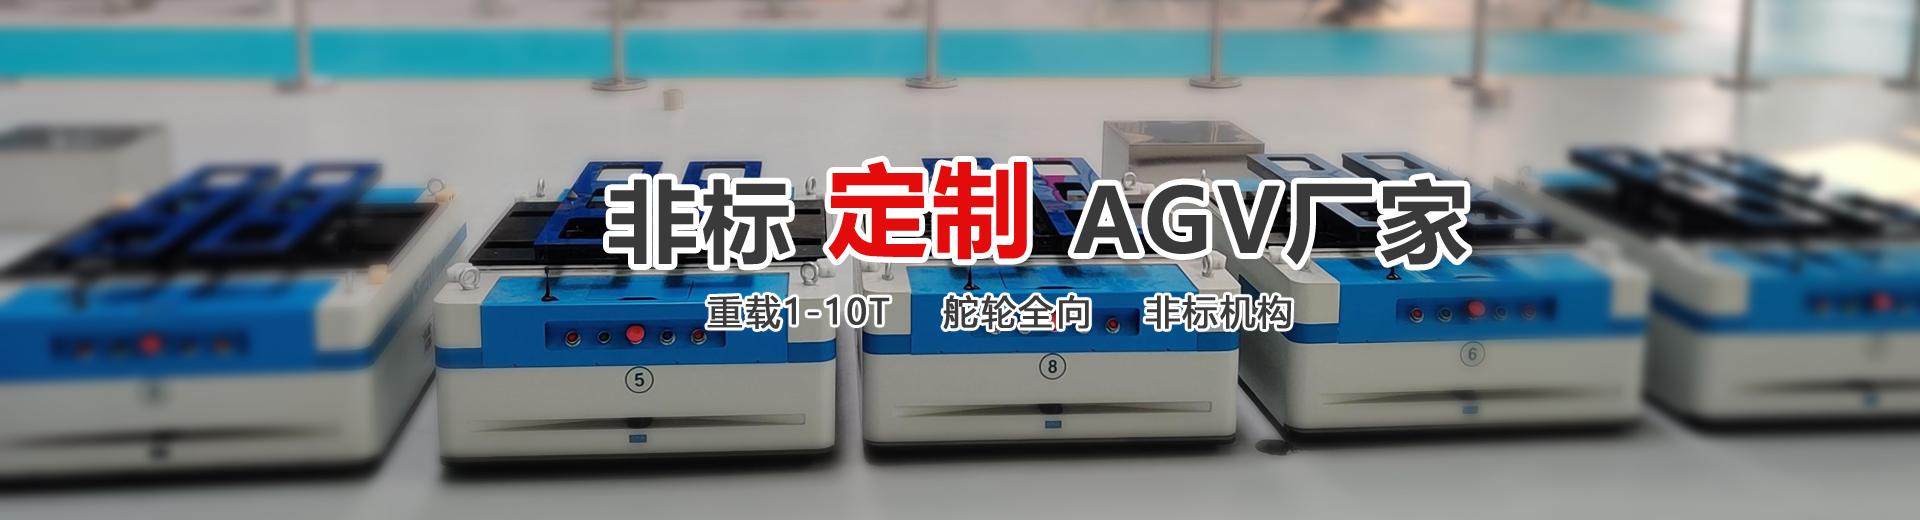 動進AGV系(xi)統